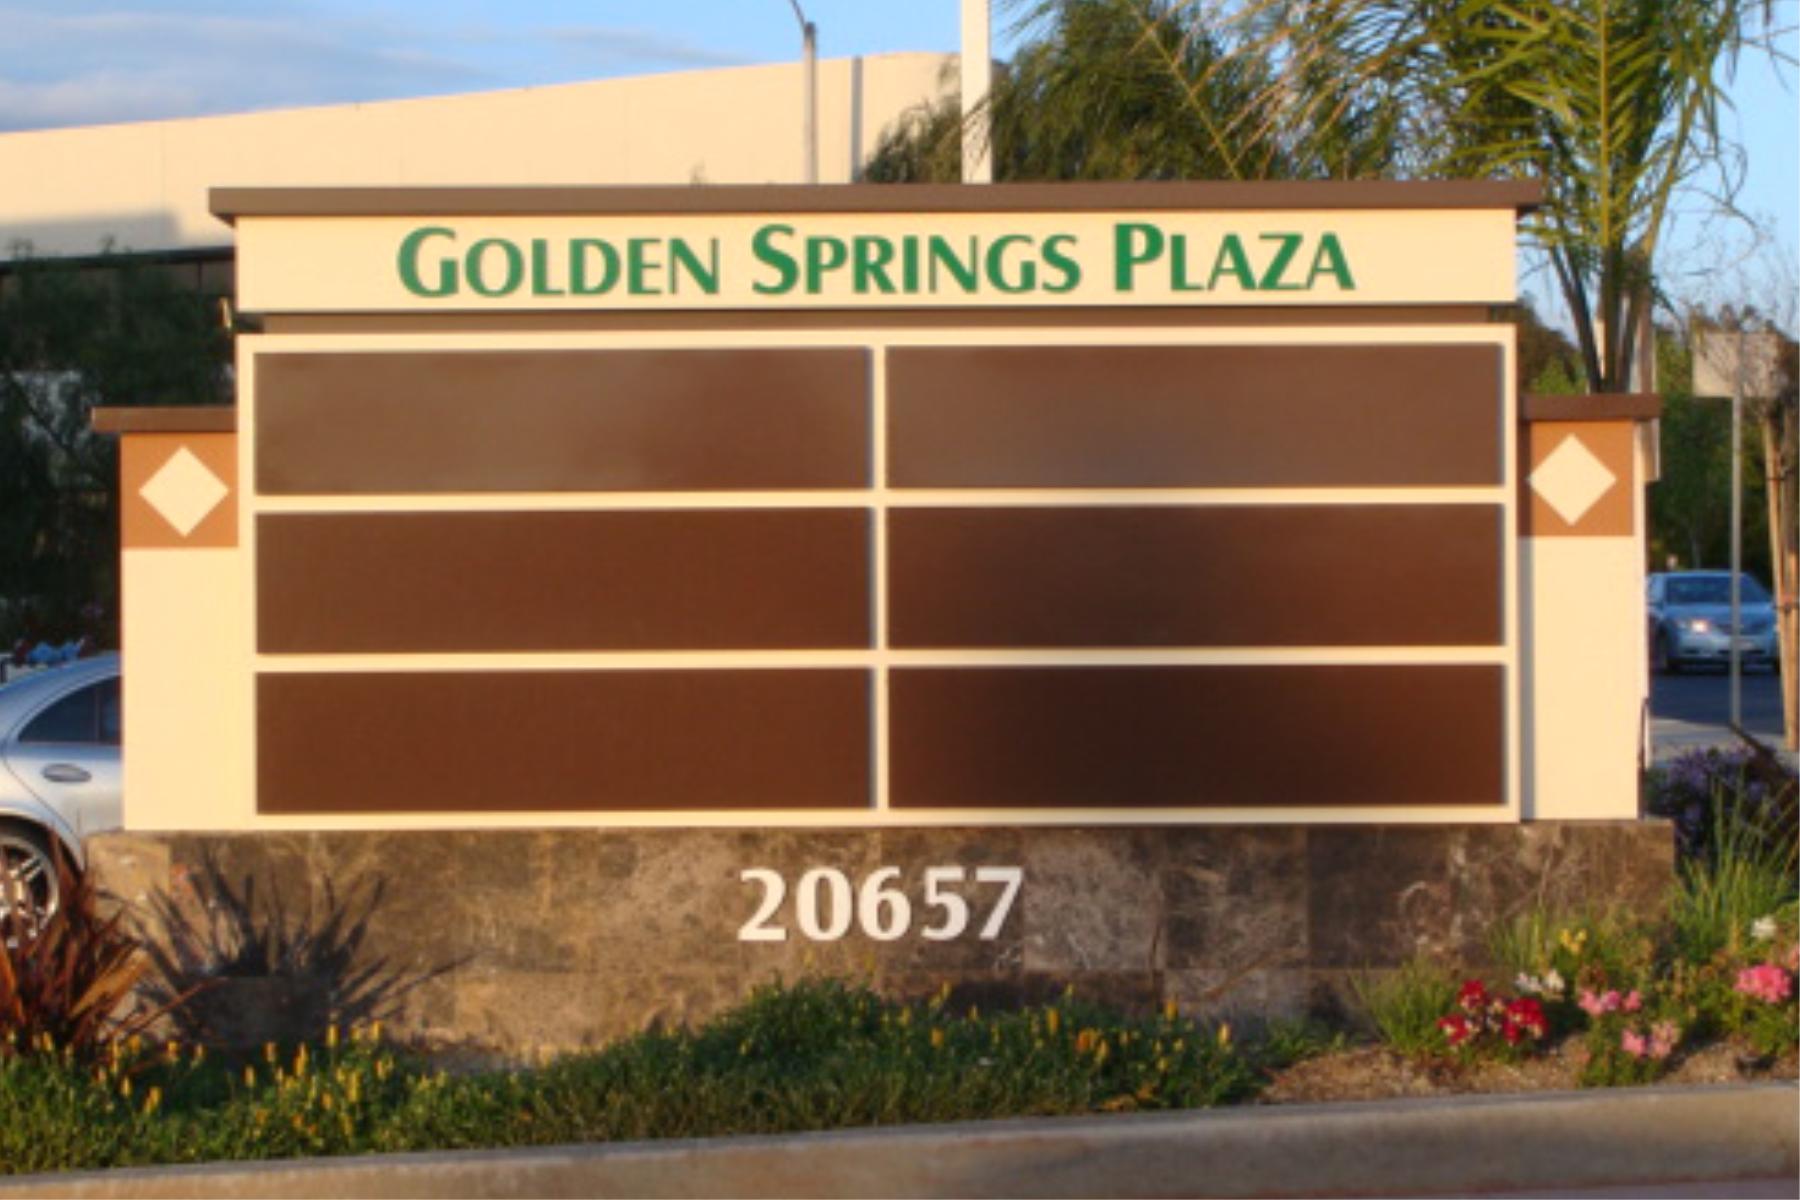 Golden Springs Plaza